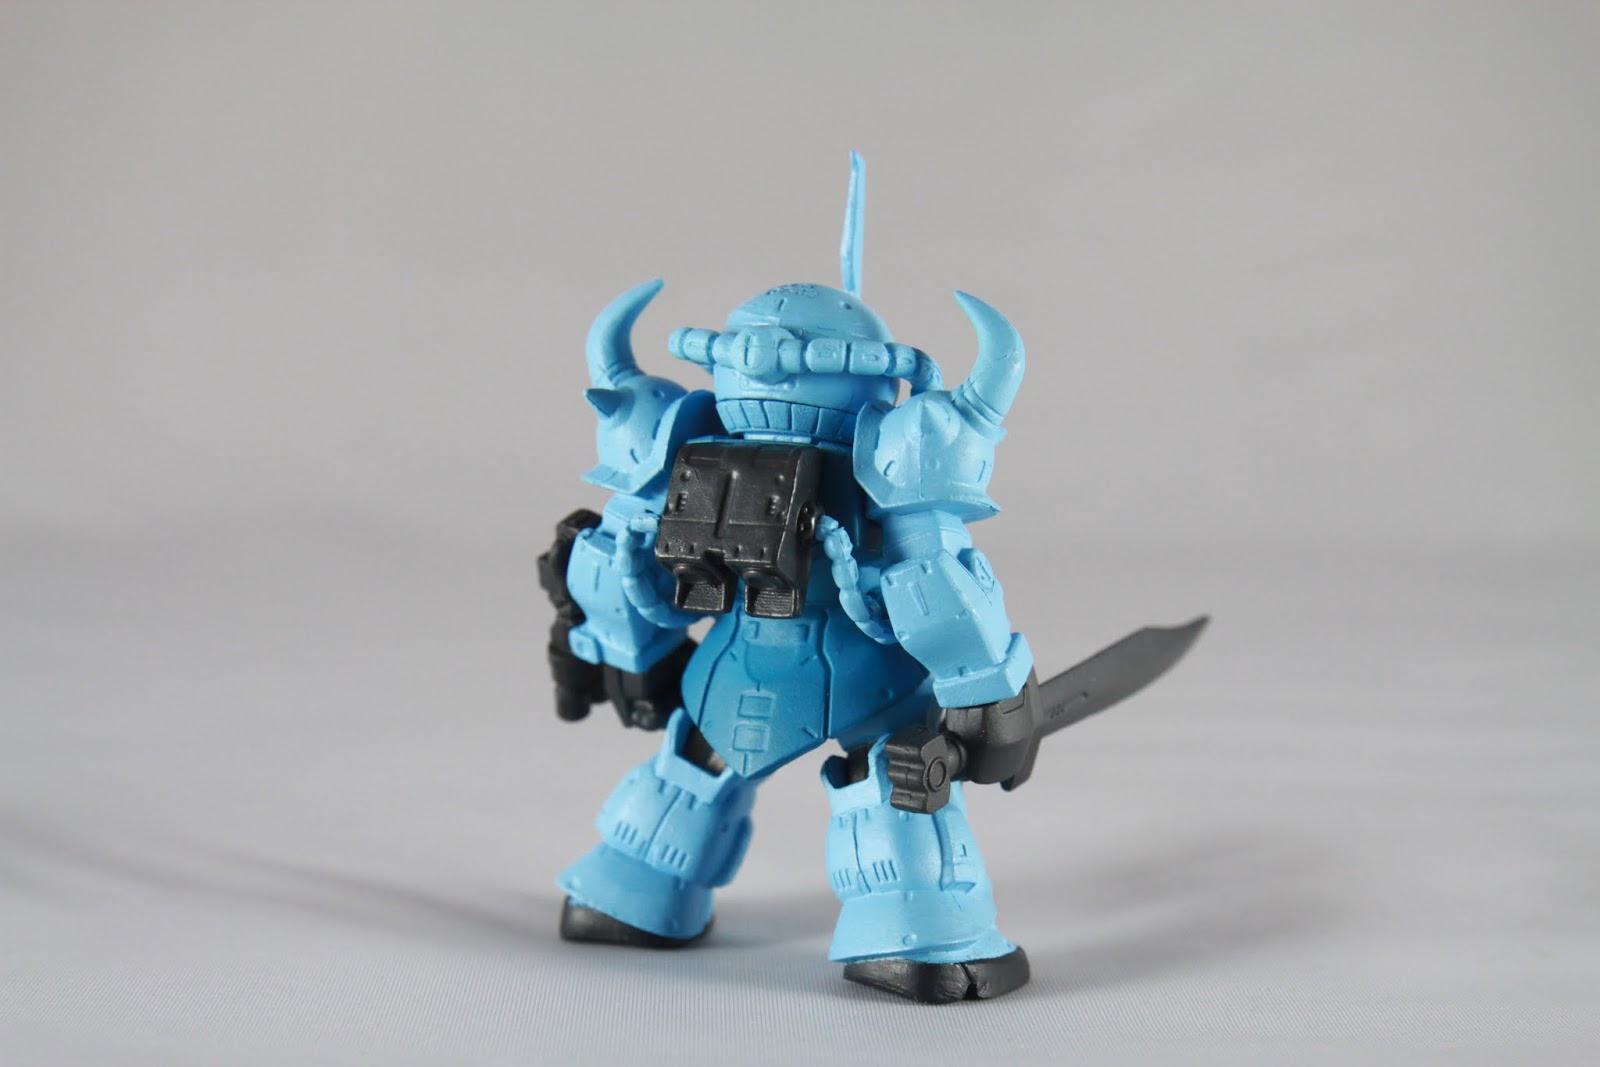 粗壯的背影超MAN的阿~ 不過依然是以Gouf 為基底 所以還是僅限陸戰用